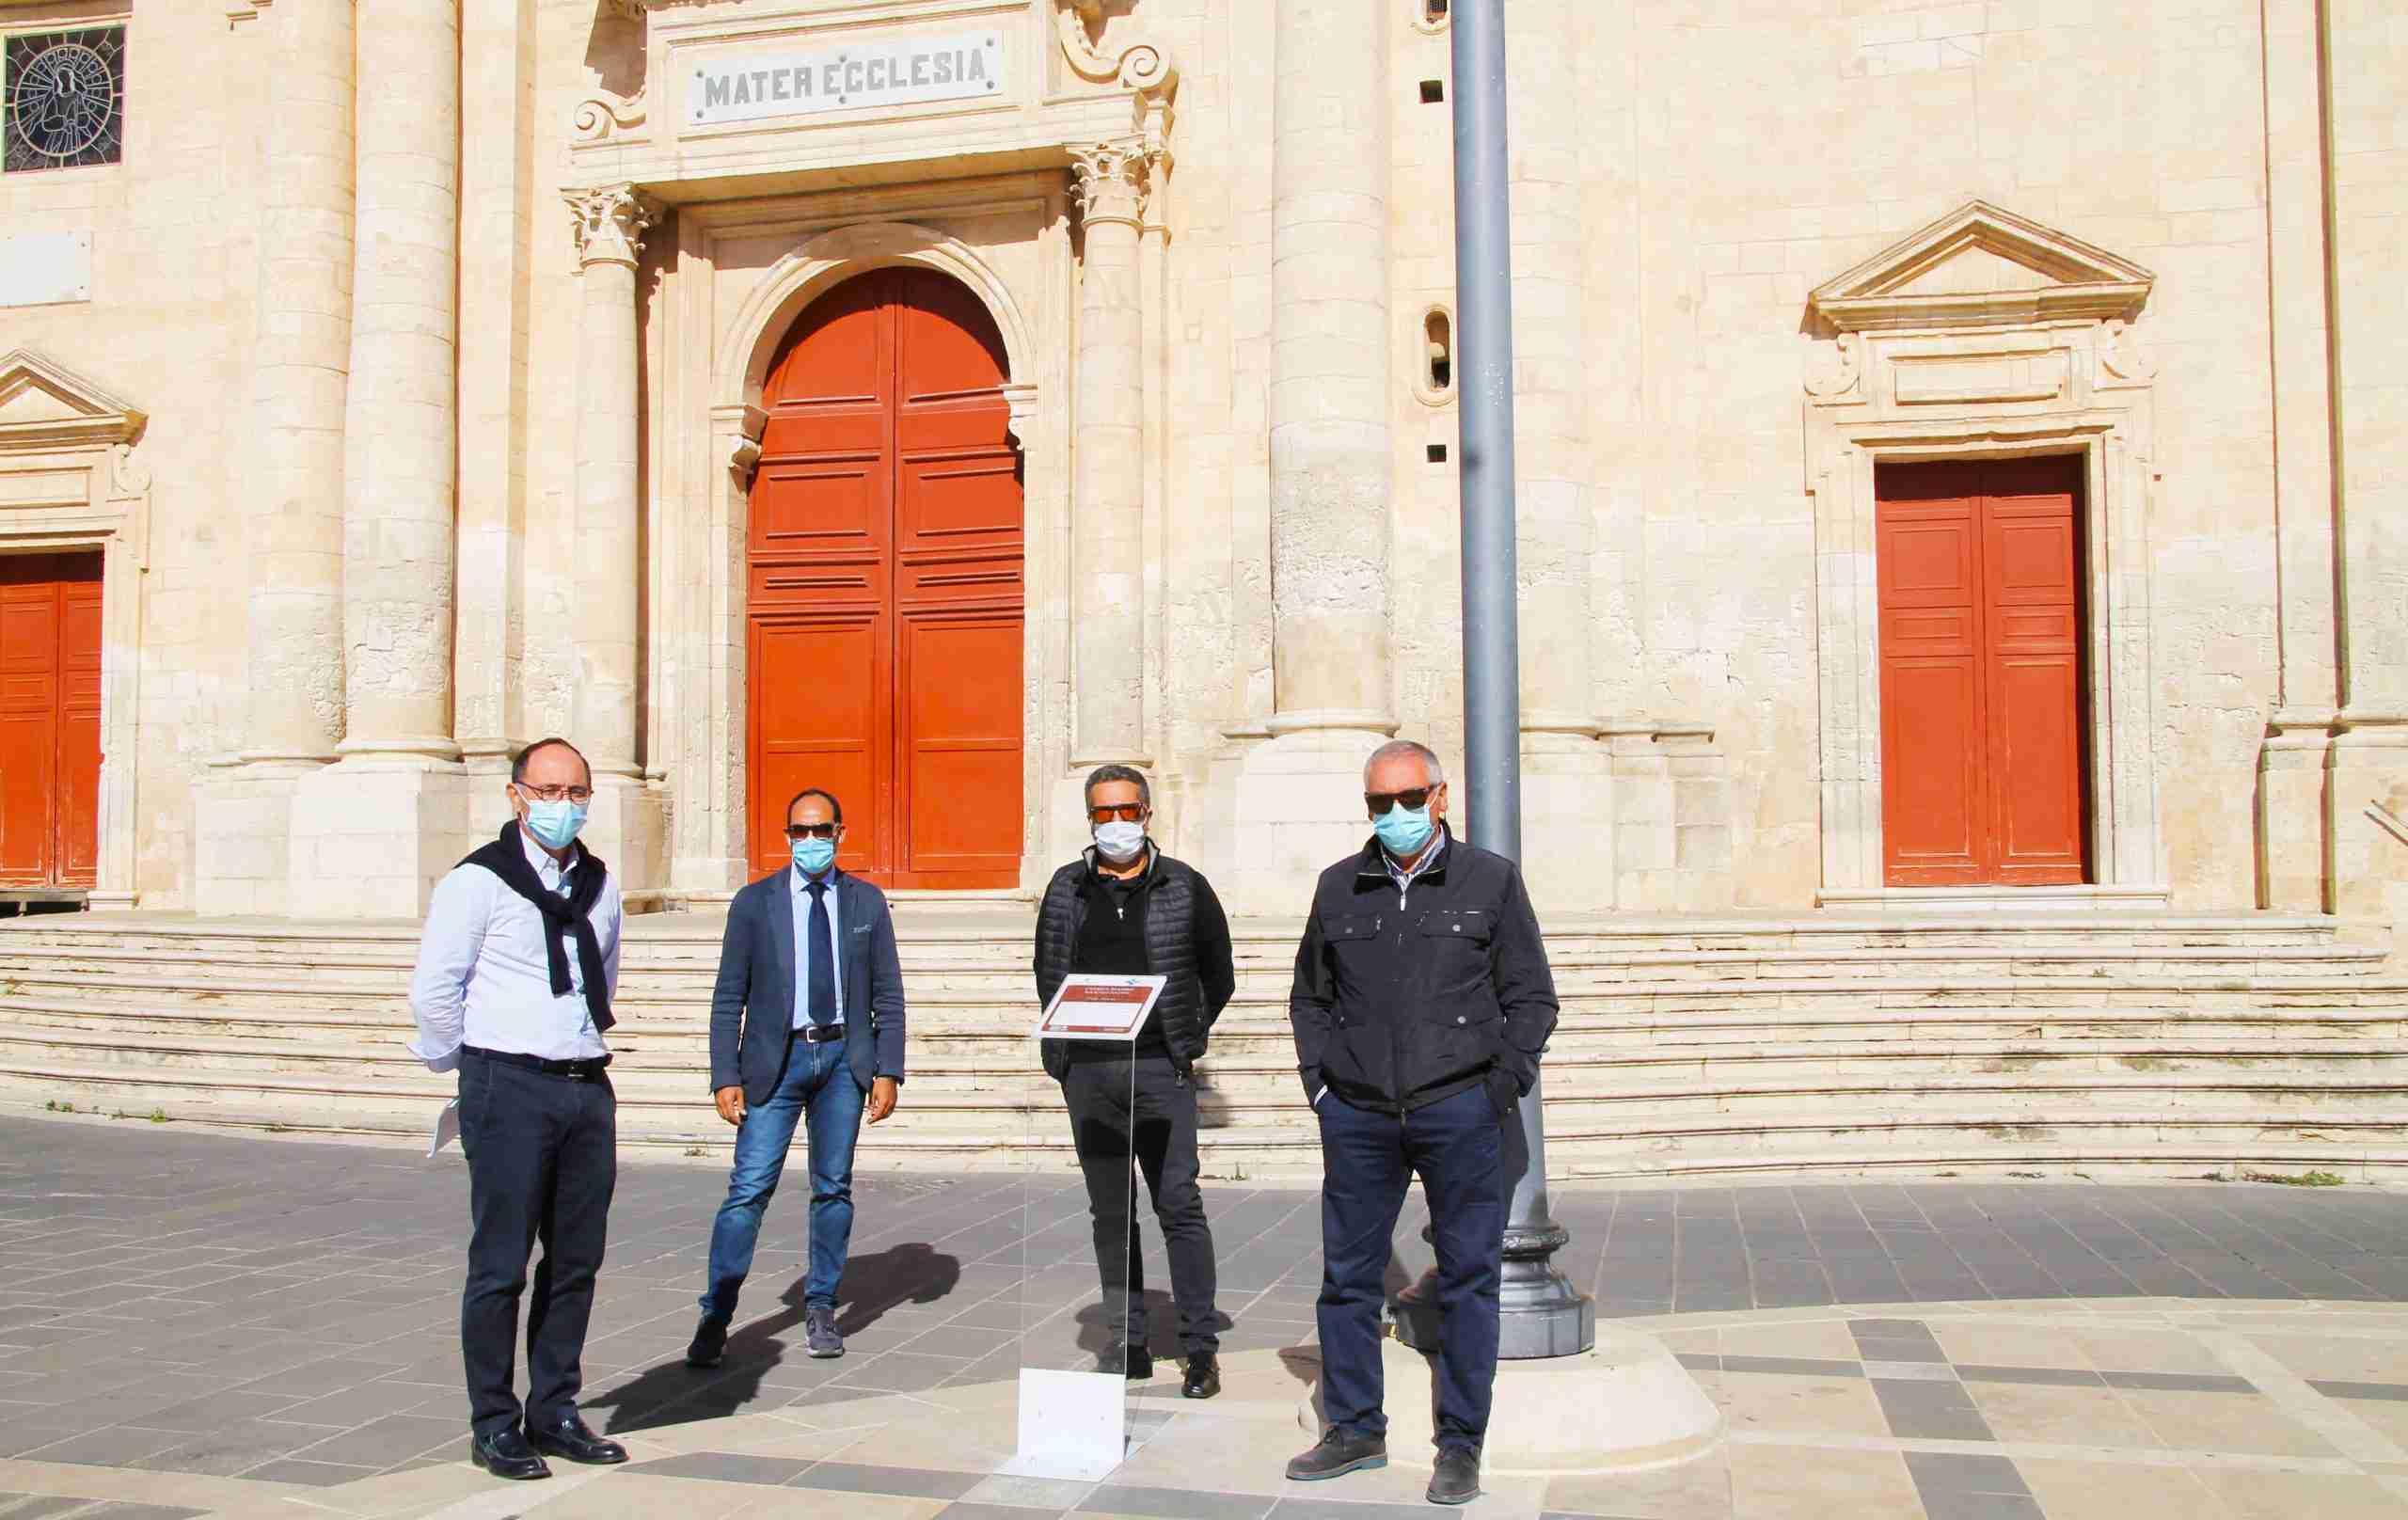 """La Giunta comunale presenta le stele turistiche alla città: """"Progetto in sinergia con la Commissione Cultura"""""""